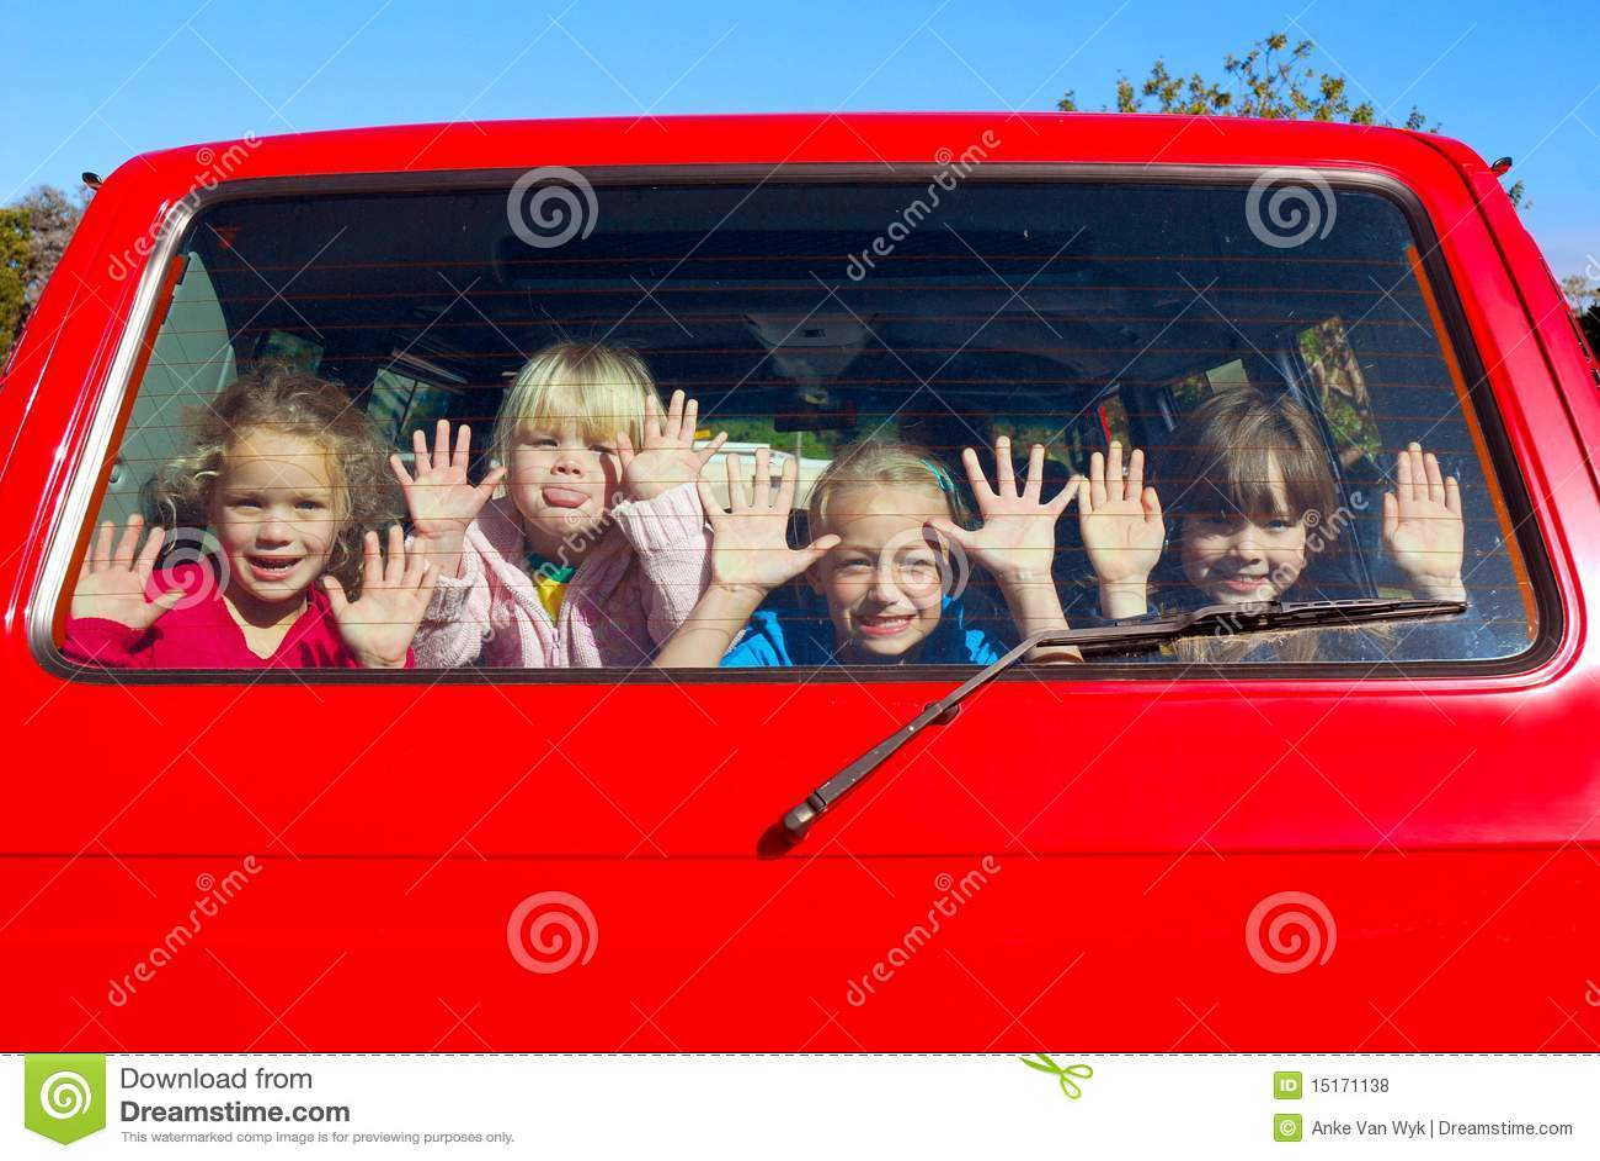 Cabritos en tránsito